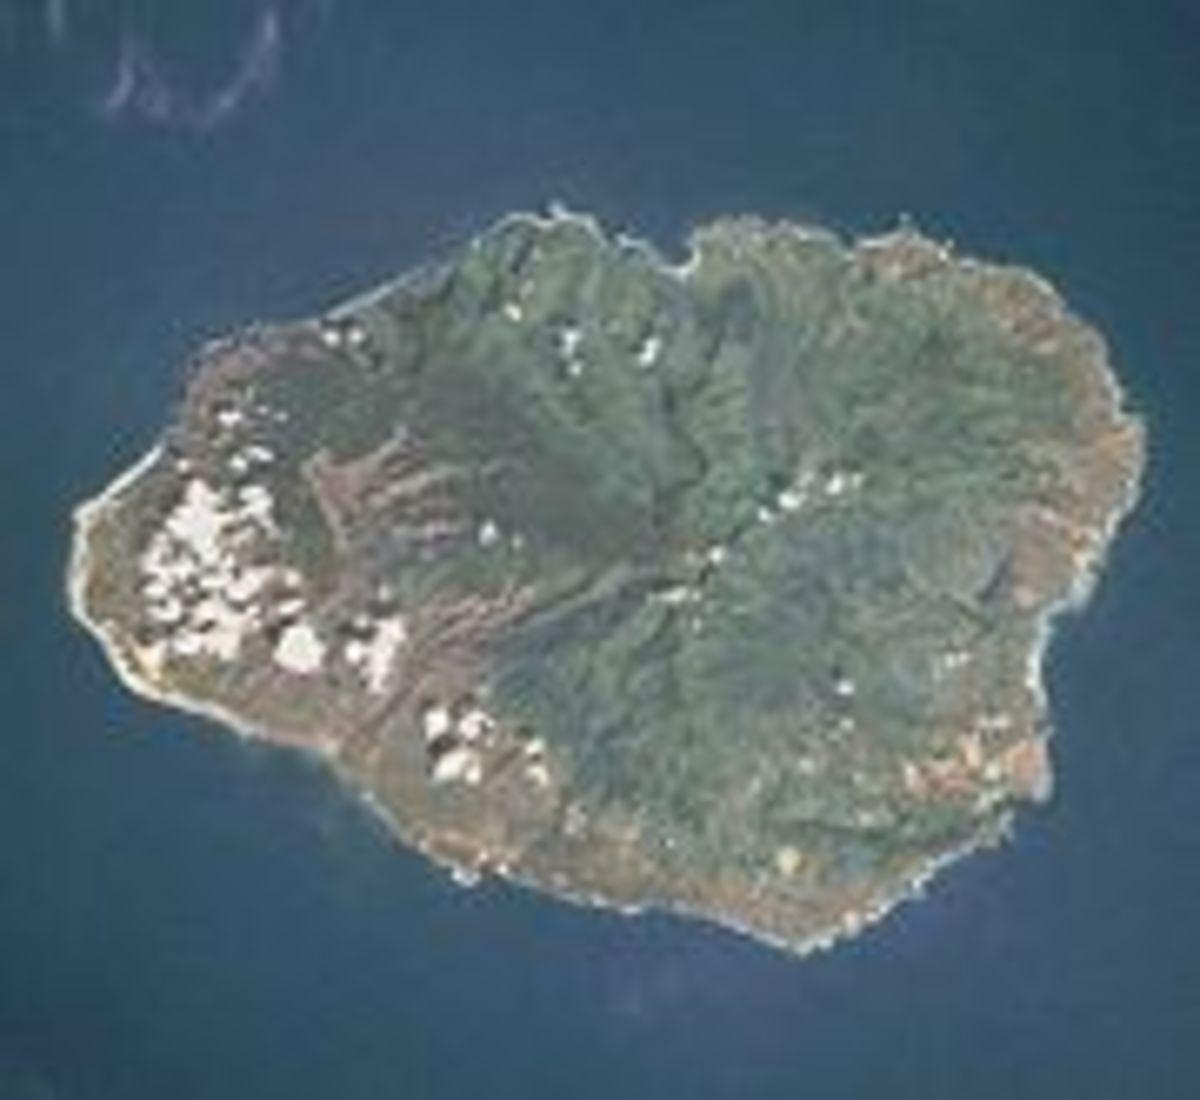 Kauai has a land area of 552.3 square miles